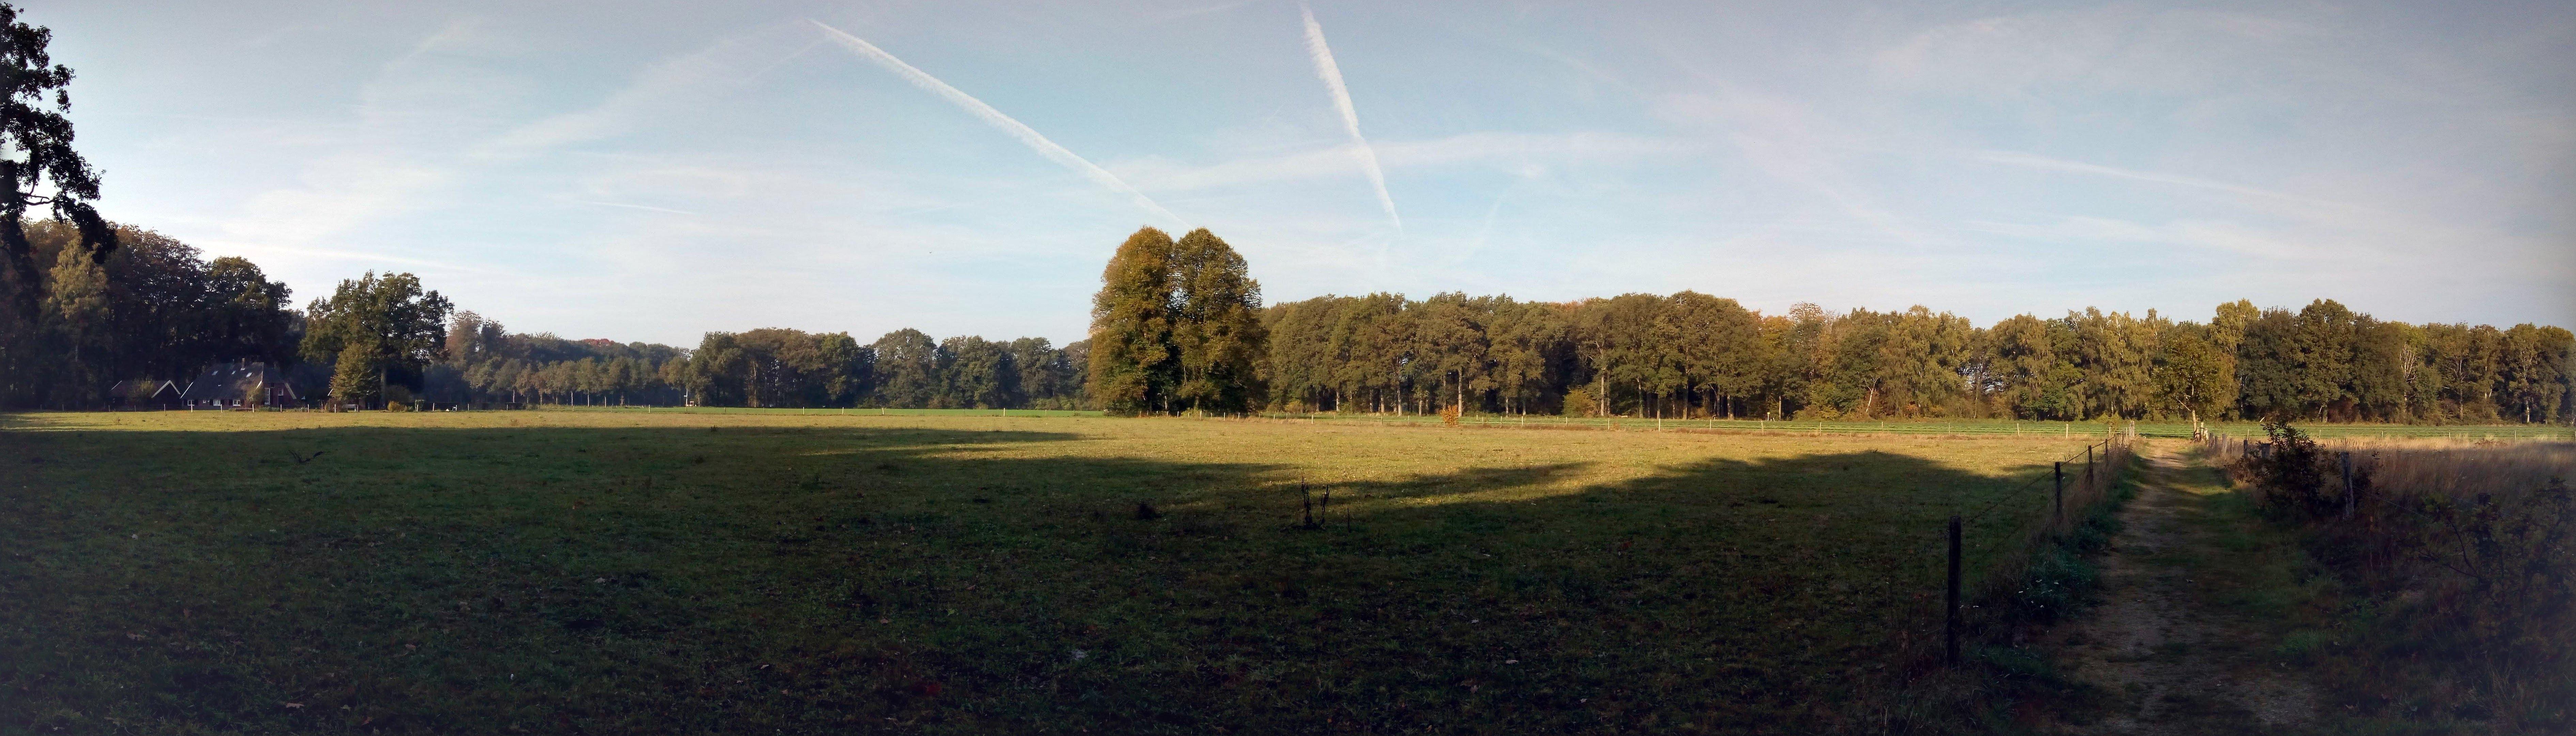 Panoramazicht tijdens de Ockhorst wandeling